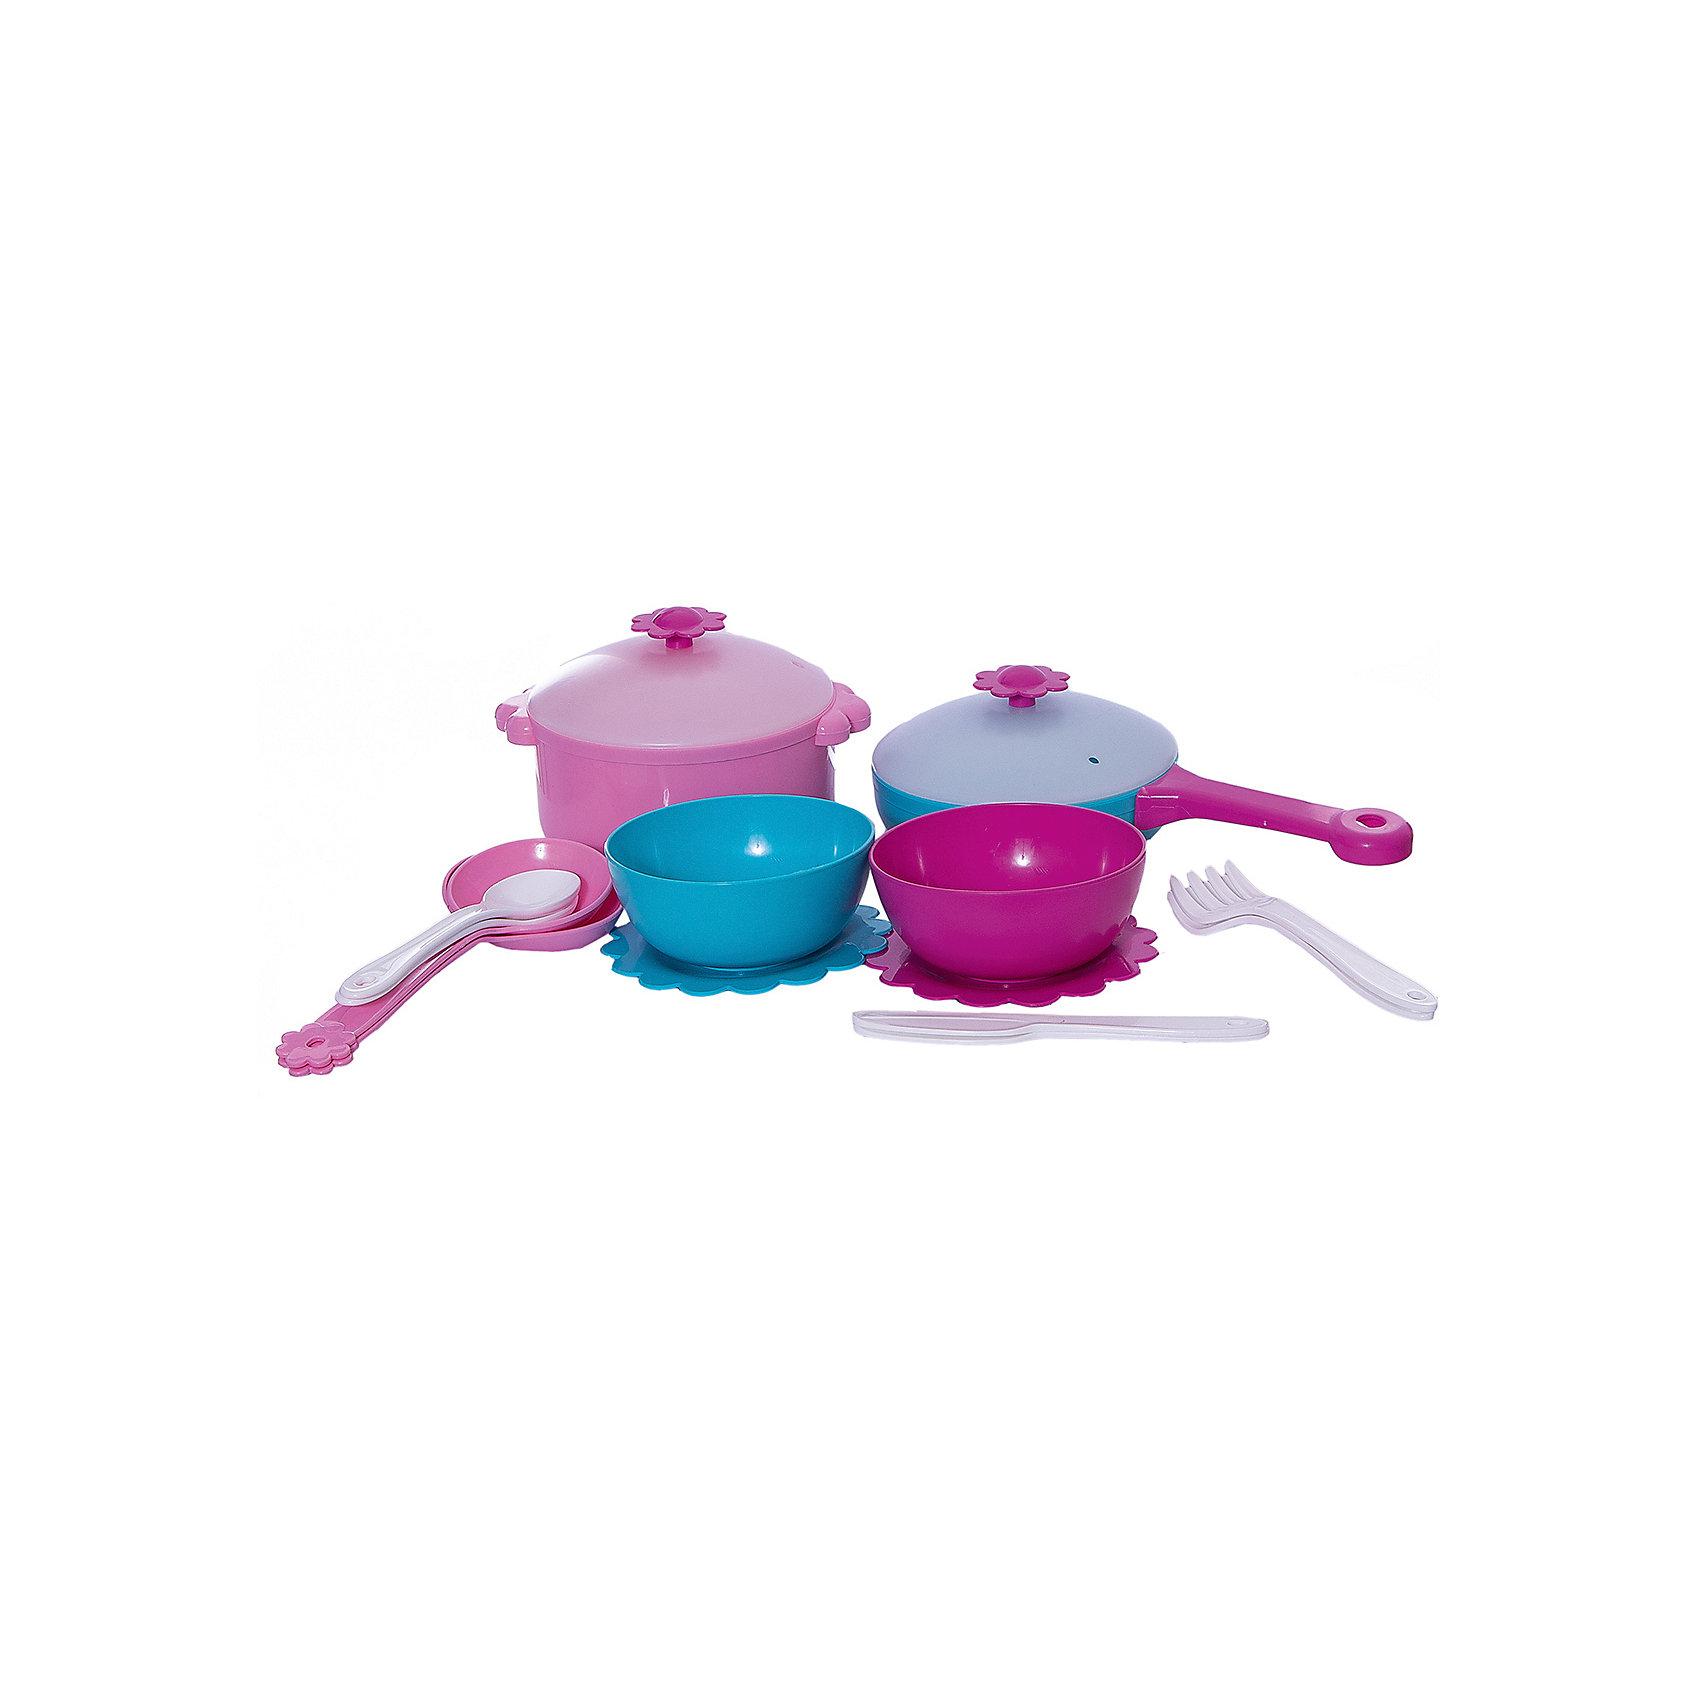 Игровой набор посуды Зайка, 16 предметов, Mary PoppinsПосуда и аксессуары для детской кухни<br>Игровой набор посуды Зайка, 16 предметов, Mary Poppins.<br><br>Характеристики:<br><br>• Комплектация: кастрюля с крышкой, сковородка с крышкой, две тарелки, две миски, две ложки, две вилки, два ножа, шумовка, ложка большая<br>• Материал: пластмасса<br>• Размер упаковки: 21х14х18 см.<br><br>Кухонный игровой набор из эксклюзивной коллекции Зайка ТМ Mary Poppins состоит 16 предметов, с которыми девочка почувствует себя настоящей поварихой и гостеприимной хозяйкой. В набор входят кастрюля и сковорода с крышками, две глубокие миски, две плоские тарелочки, шумовка, большая ложка и два комплекта столовых приборов, каждый из которых включает в себя ложку, вилку и нож. Все элементы набора изготовлены из качественной гипоаллергенной пластмассы.<br><br>Игровой набор посуды Зайка, 16 предметов, Mary Poppins можно купить в нашем интернет-магазине.<br><br>Ширина мм: 230<br>Глубина мм: 230<br>Высота мм: 100<br>Вес г: 13<br>Возраст от месяцев: 24<br>Возраст до месяцев: 2147483647<br>Пол: Женский<br>Возраст: Детский<br>SKU: 5402760